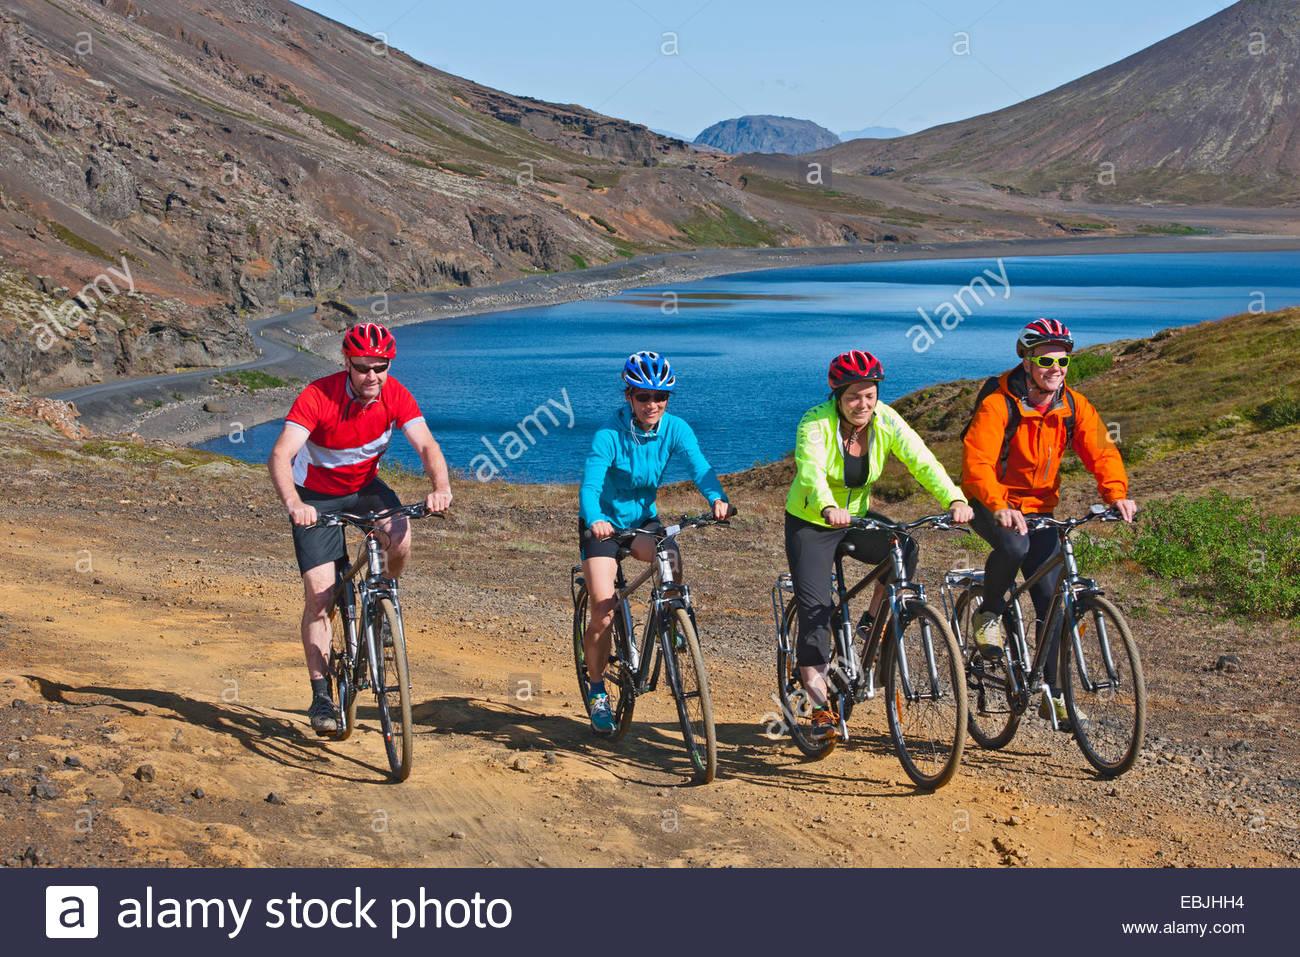 Los ciclistas hasta la pista de ciclismo, en el fondo, Kleifarvatn Reykjanes, al suroeste de Islandia Imagen De Stock